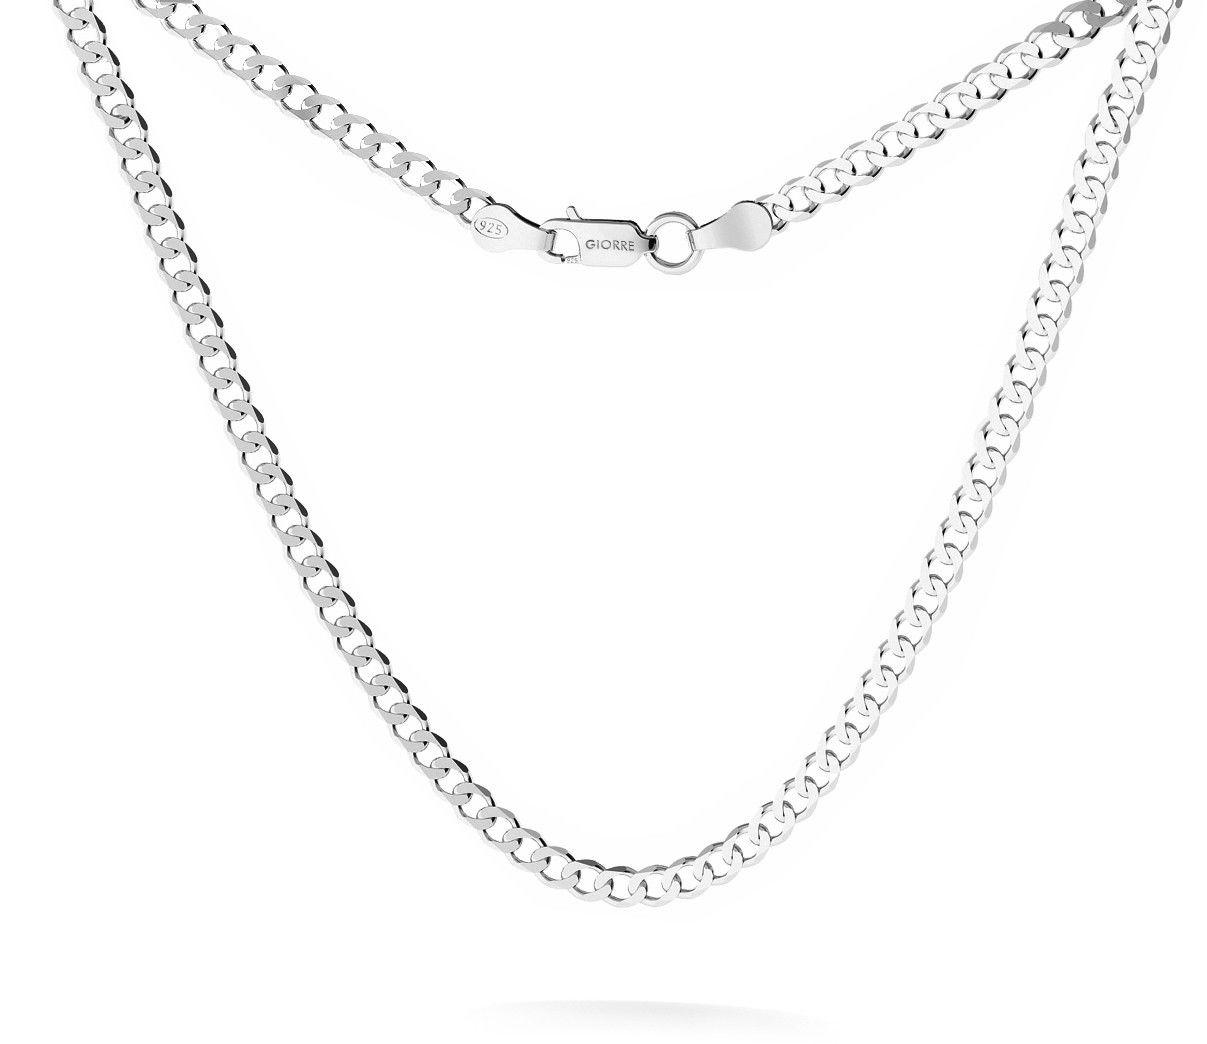 Męski łańcuszek pancerka, srebro 925 : Długość (cm) - 60, Srebro - kolor pokrycia - Pokrycie platyną